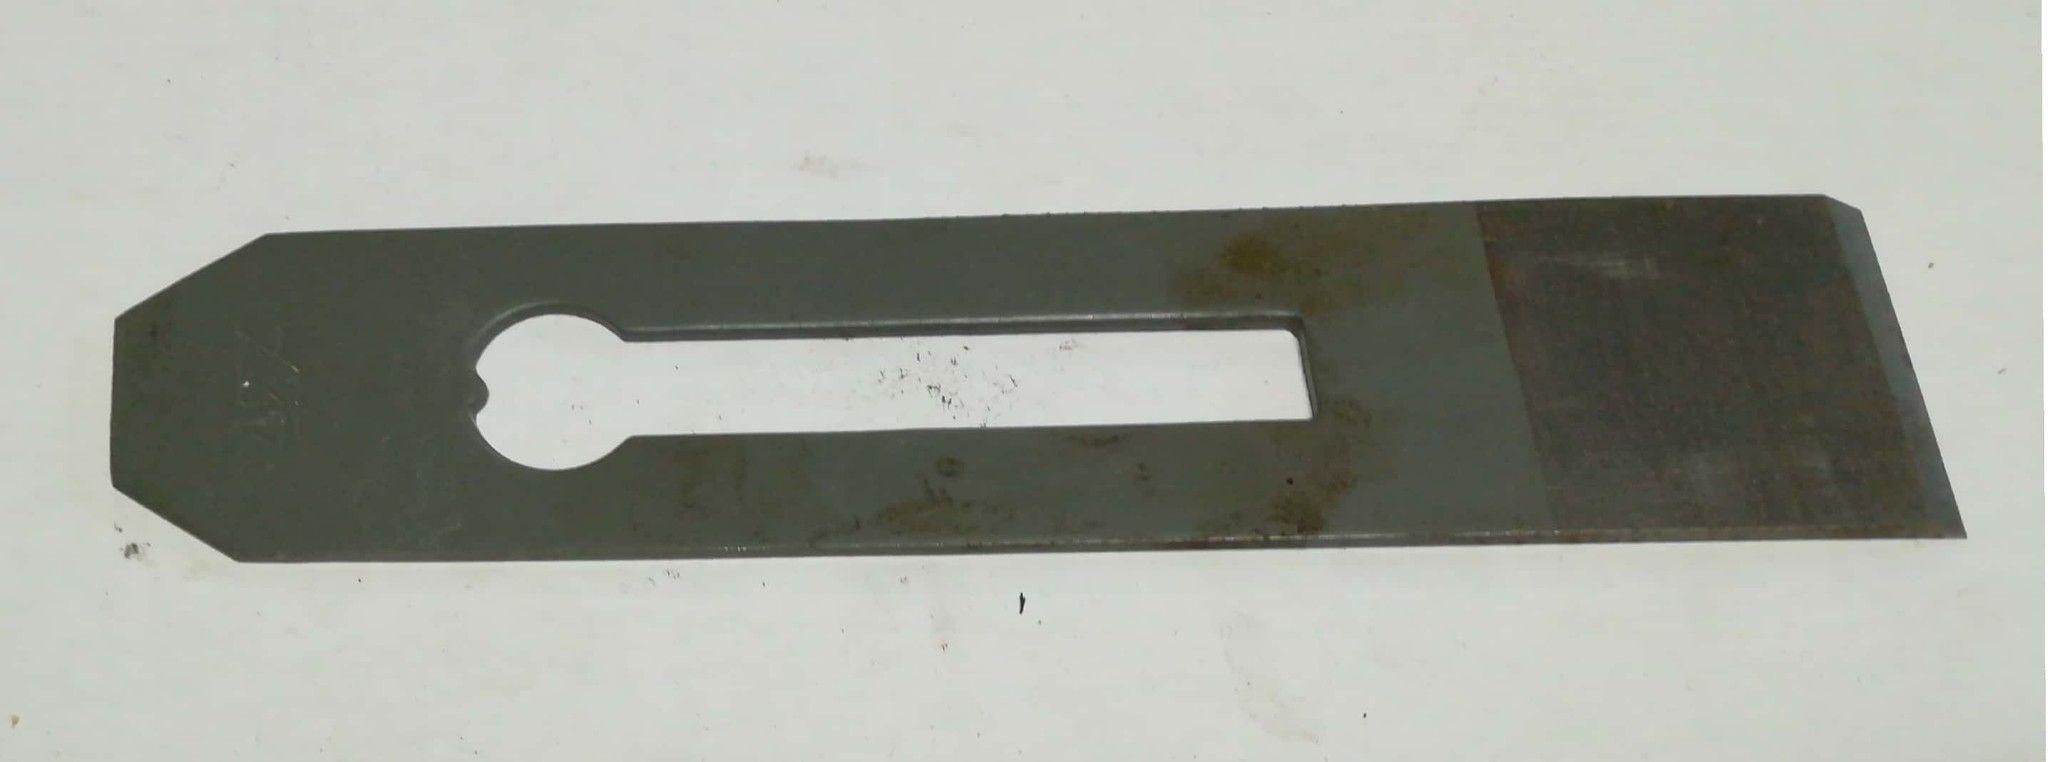 Ferro semplice per pialla forato mm 42